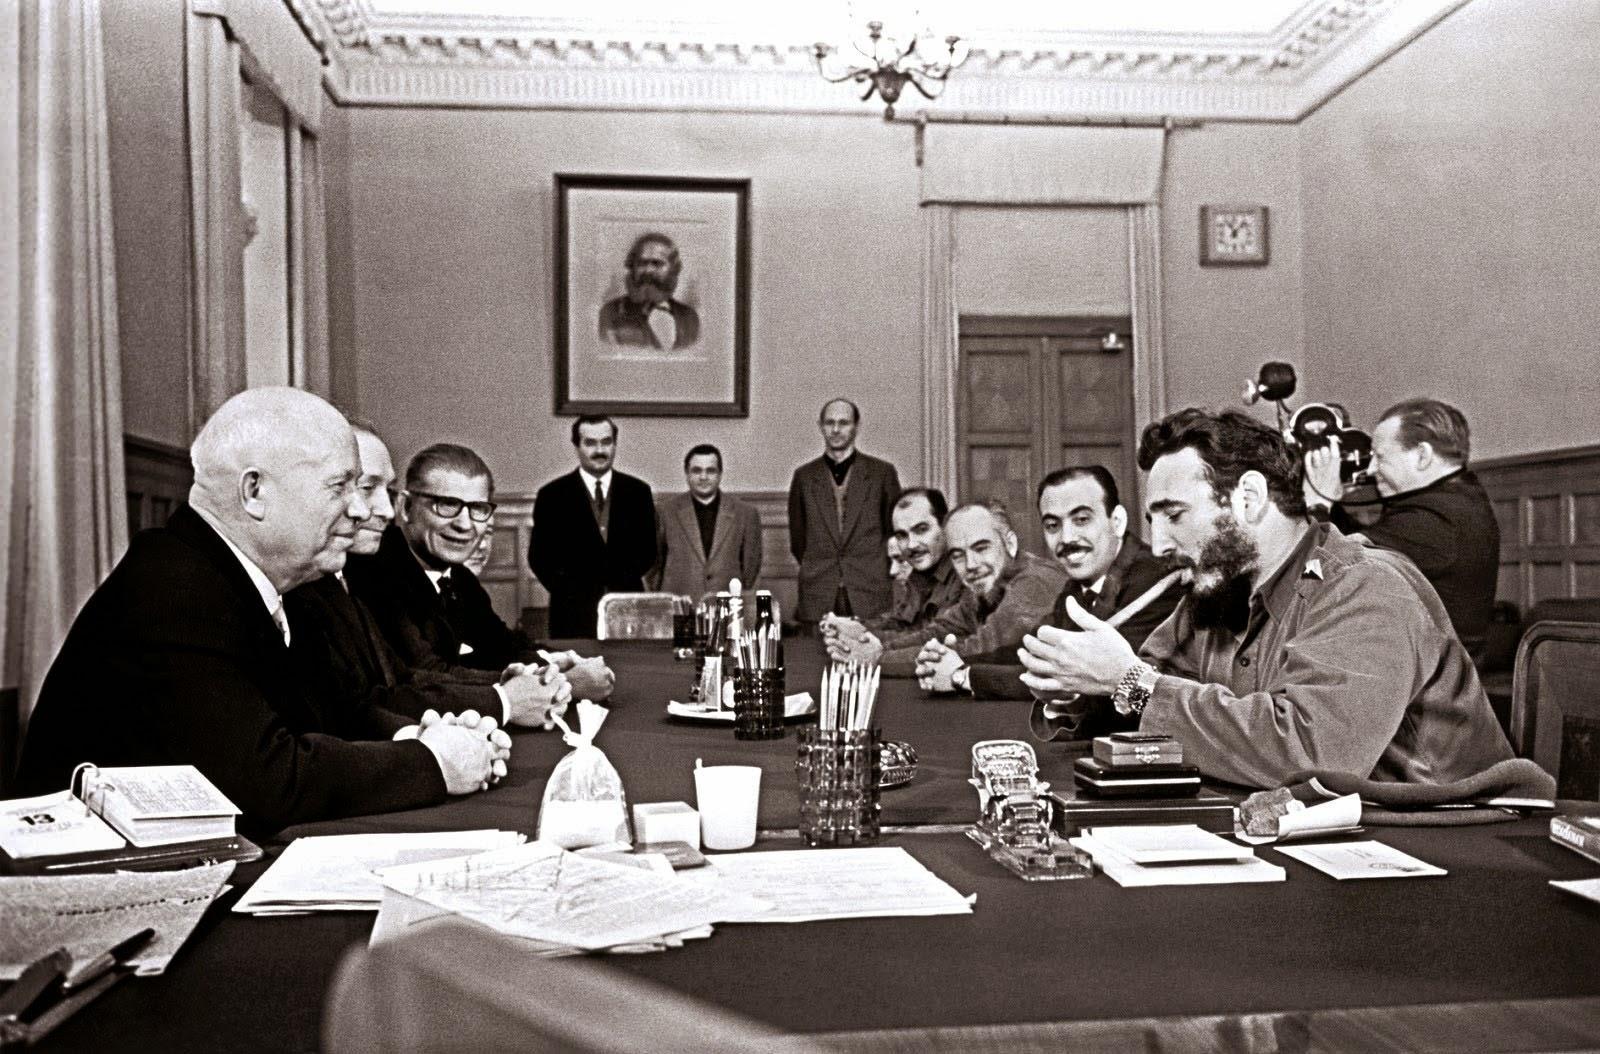 Fidel Castro de fumer un cigare et le fait de porter deux montres Rolex au cours d'une réunion avec Khrouchtchev, 1963